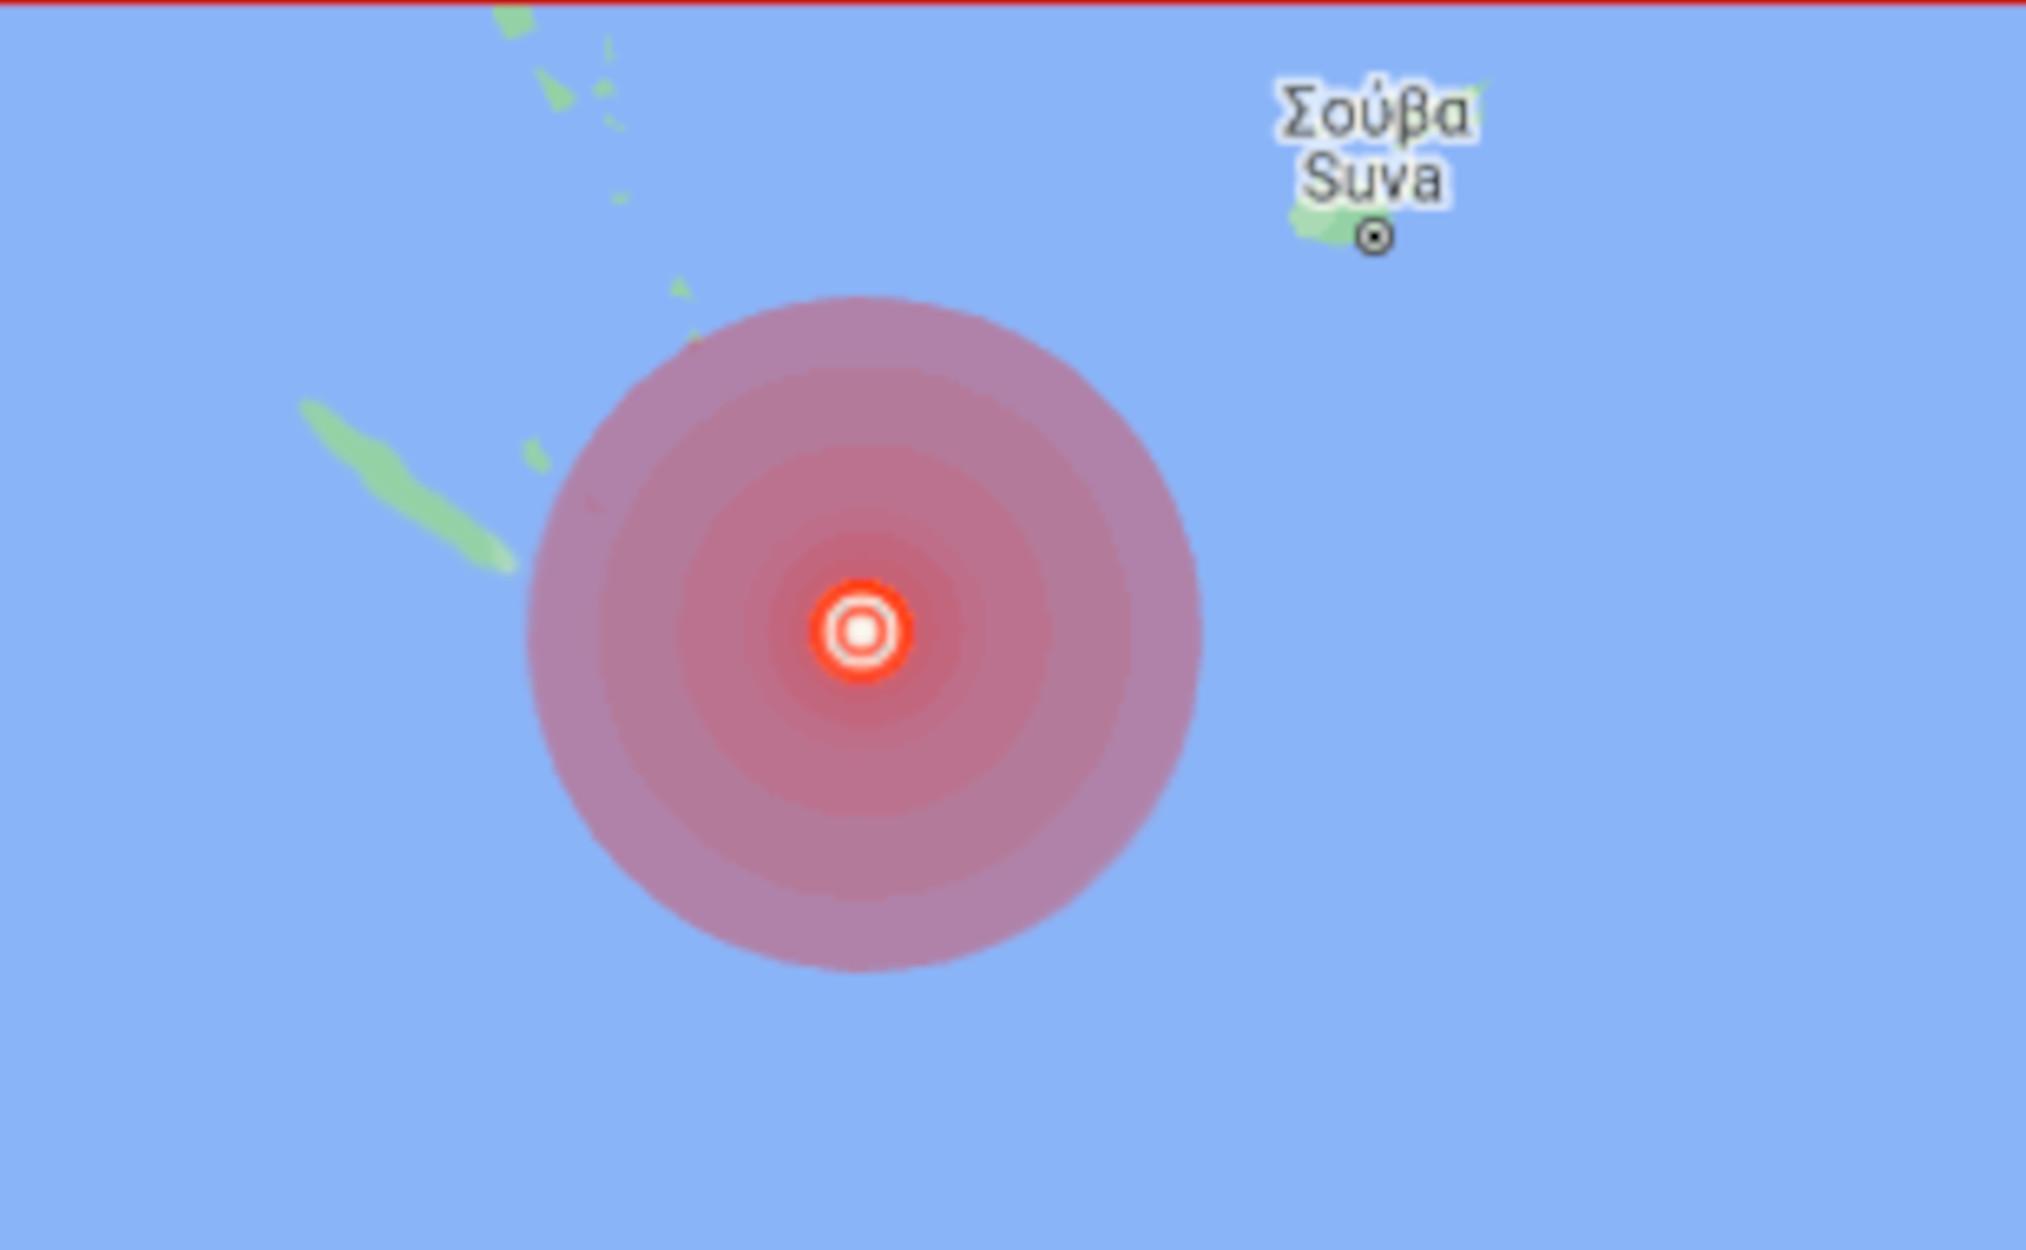 Βανουάτου: Τρομακτικός σεισμός 6,2 Ρίχτερ στο Πορτ Βίλα – Πανίσχυροι απανωτοί μετασεισμοί